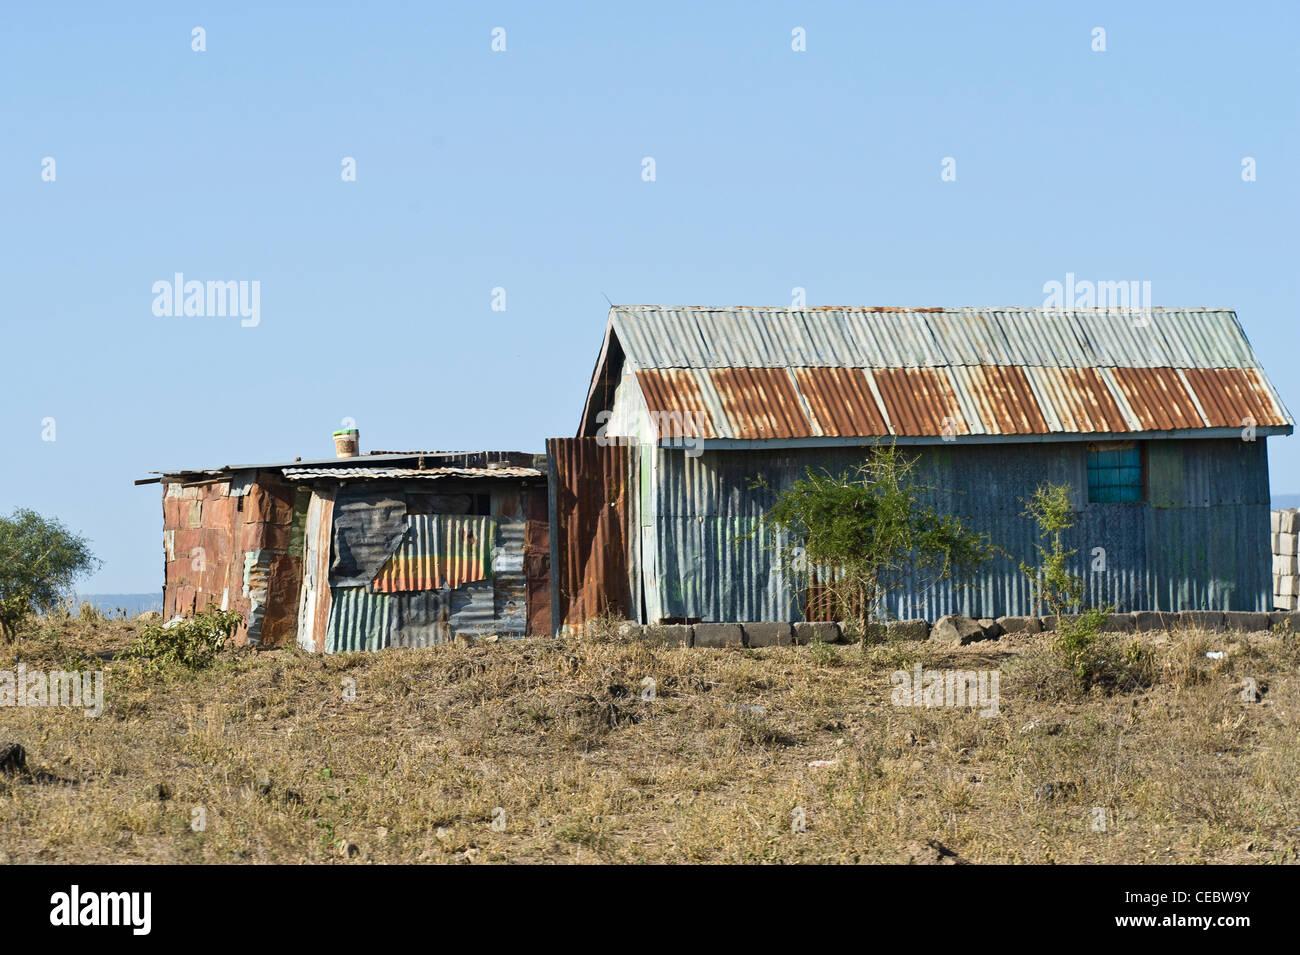 Casa construida con chapa ondulada de hierro Tanzania Arusha Imagen De Stock